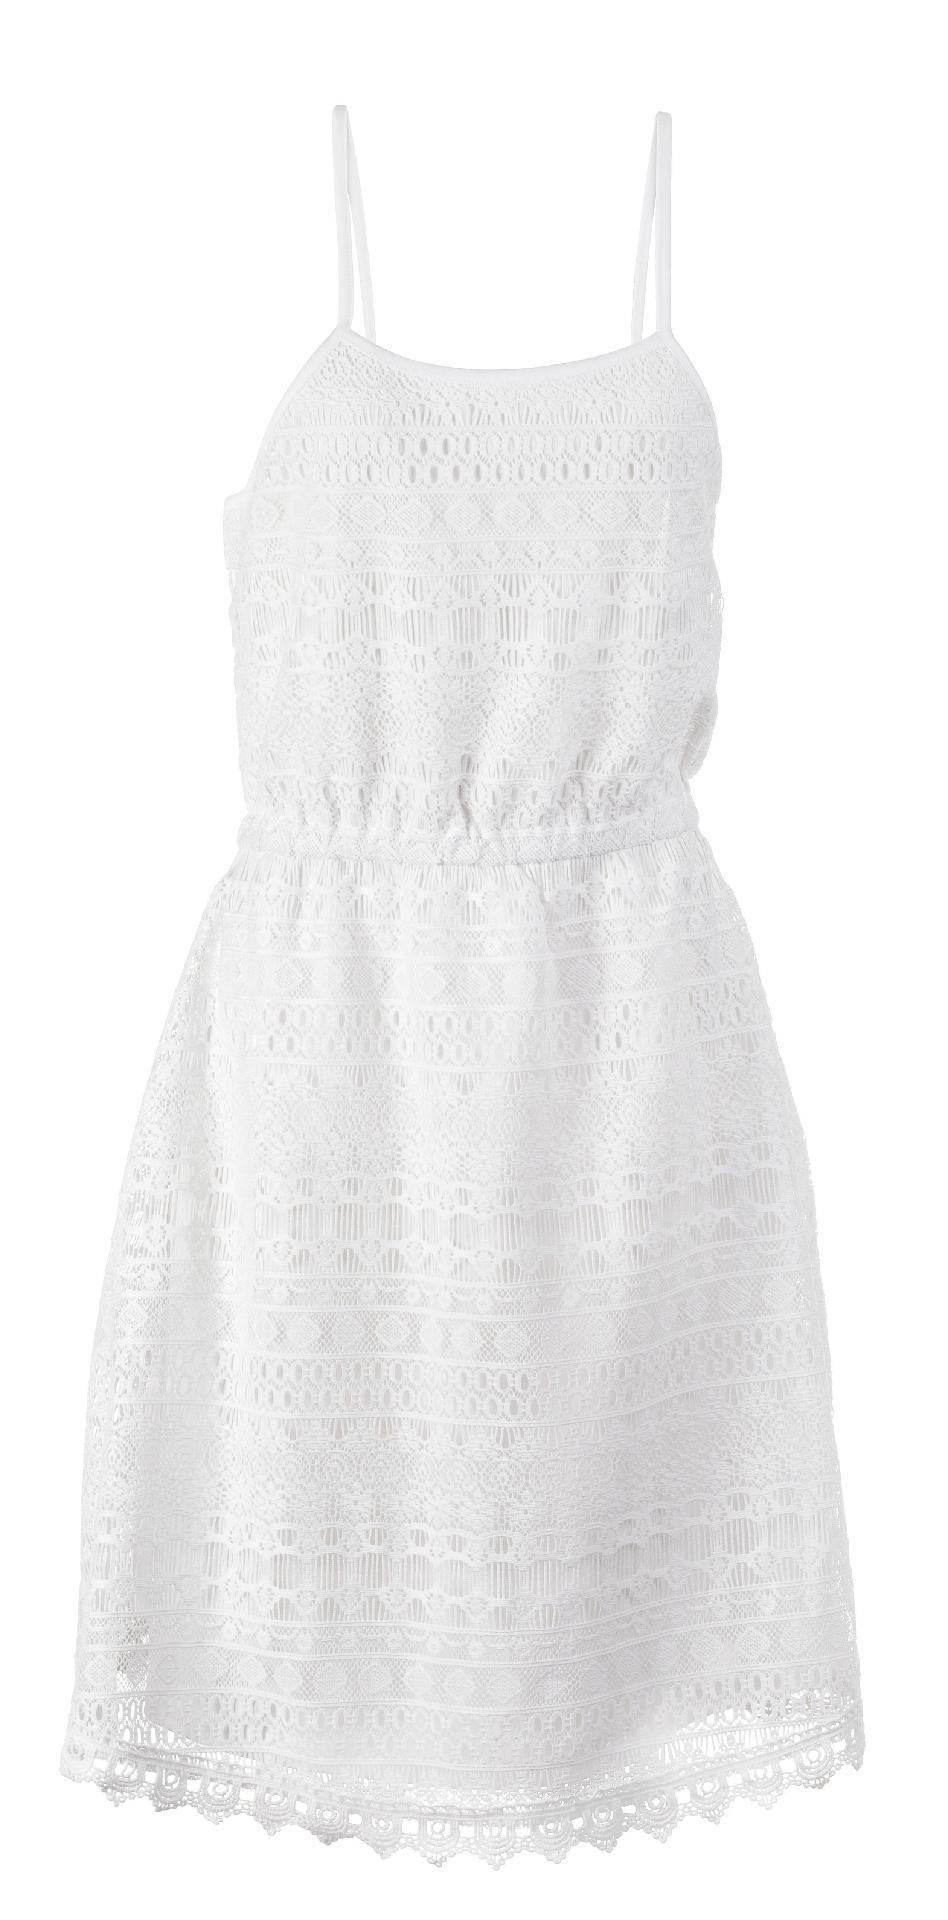 15 vestidos para arrasar no Réveillon gastando menos de R  200 - BOL ... 19286766dda97